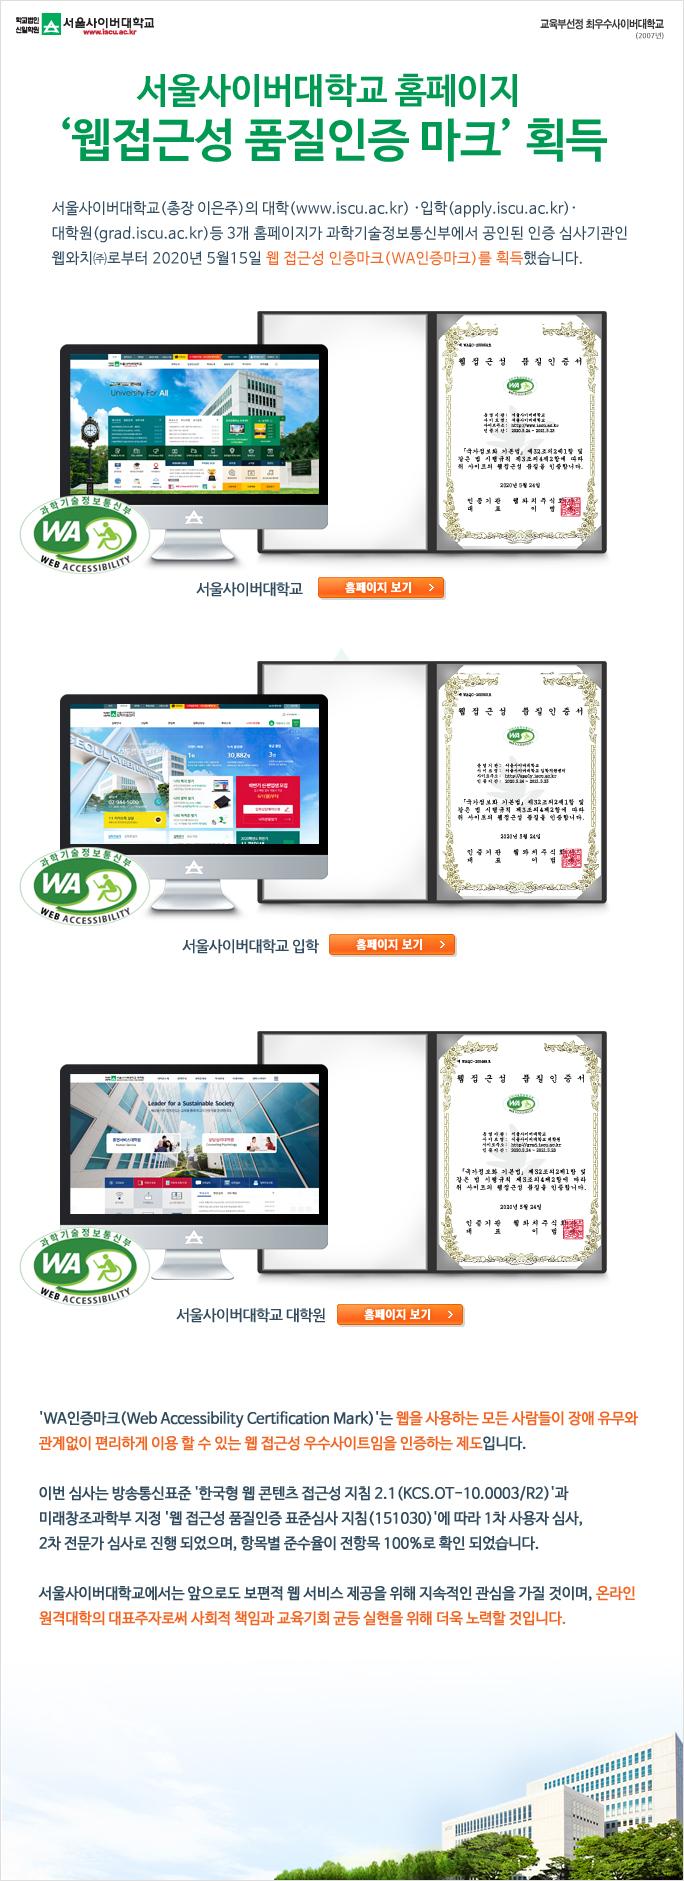 서울사이버대학교 홈페이지 웹접근성 품질인증 마크 획득